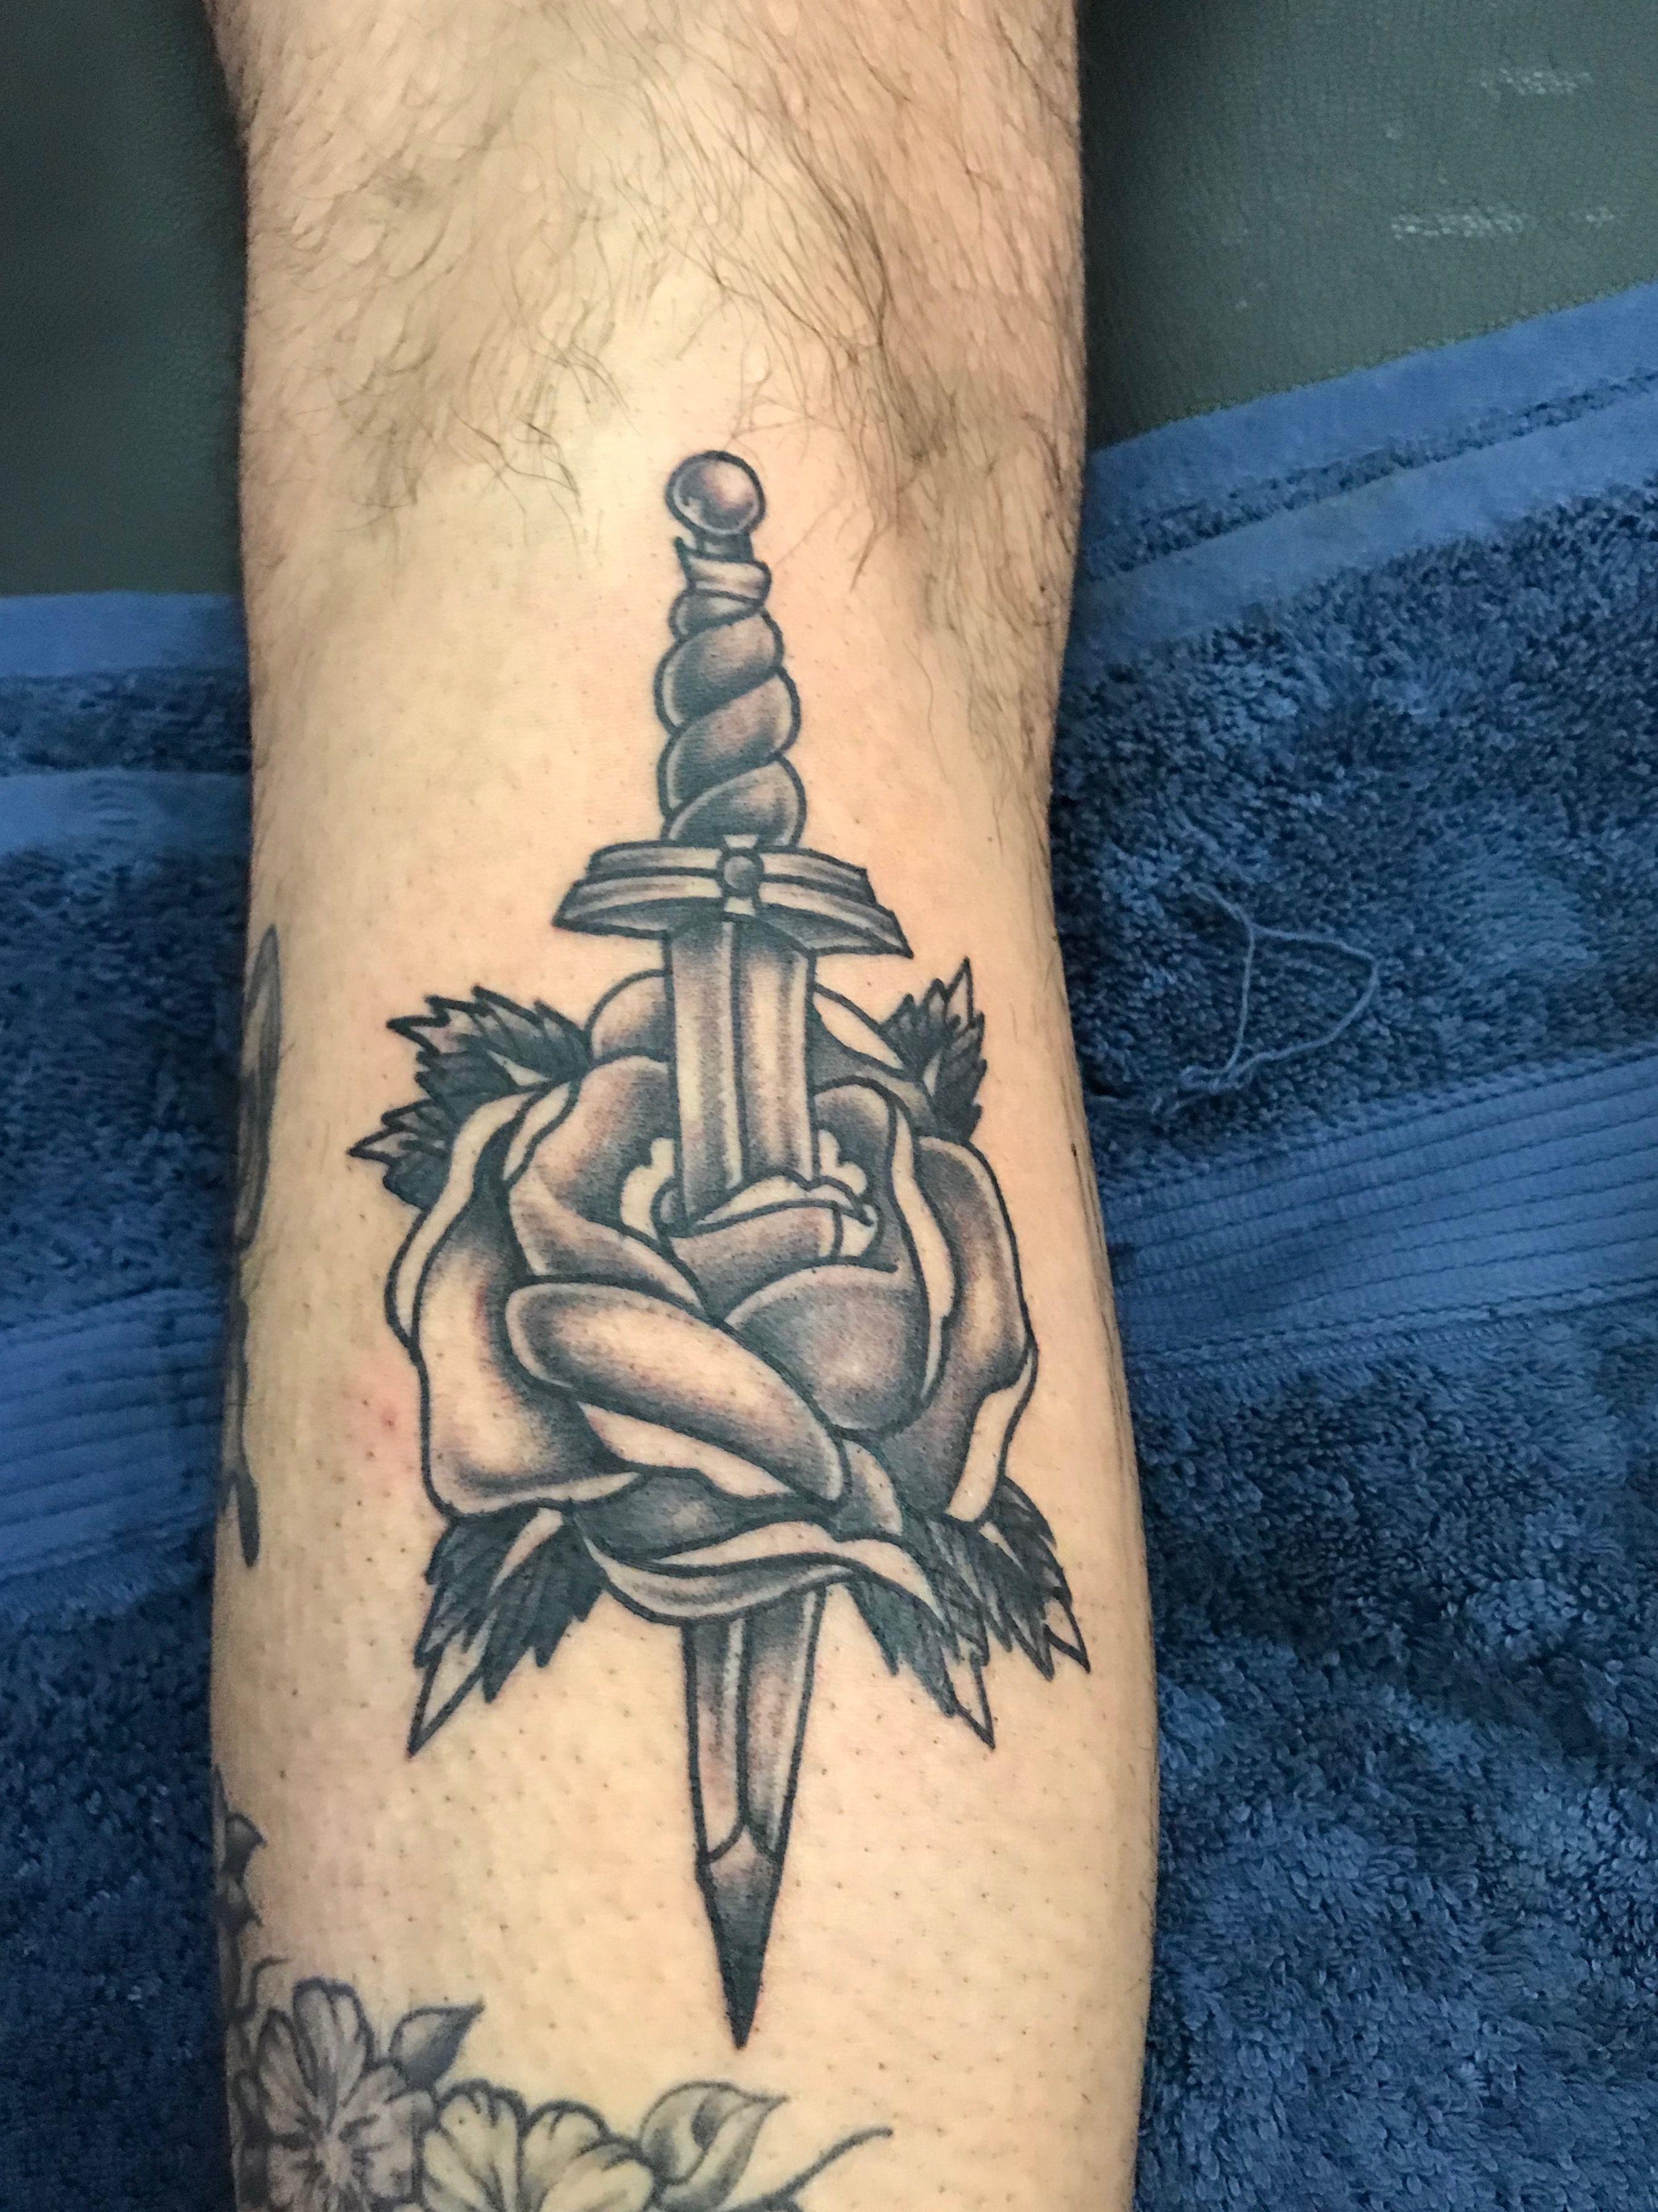 The Rose And Dagger Tattoo Can Symbolize The Duality Of Human Life Through The Seemingly Opposite M Idee Per Tatuaggi Tatuaggi Old School Tatuaggi Tradizionali